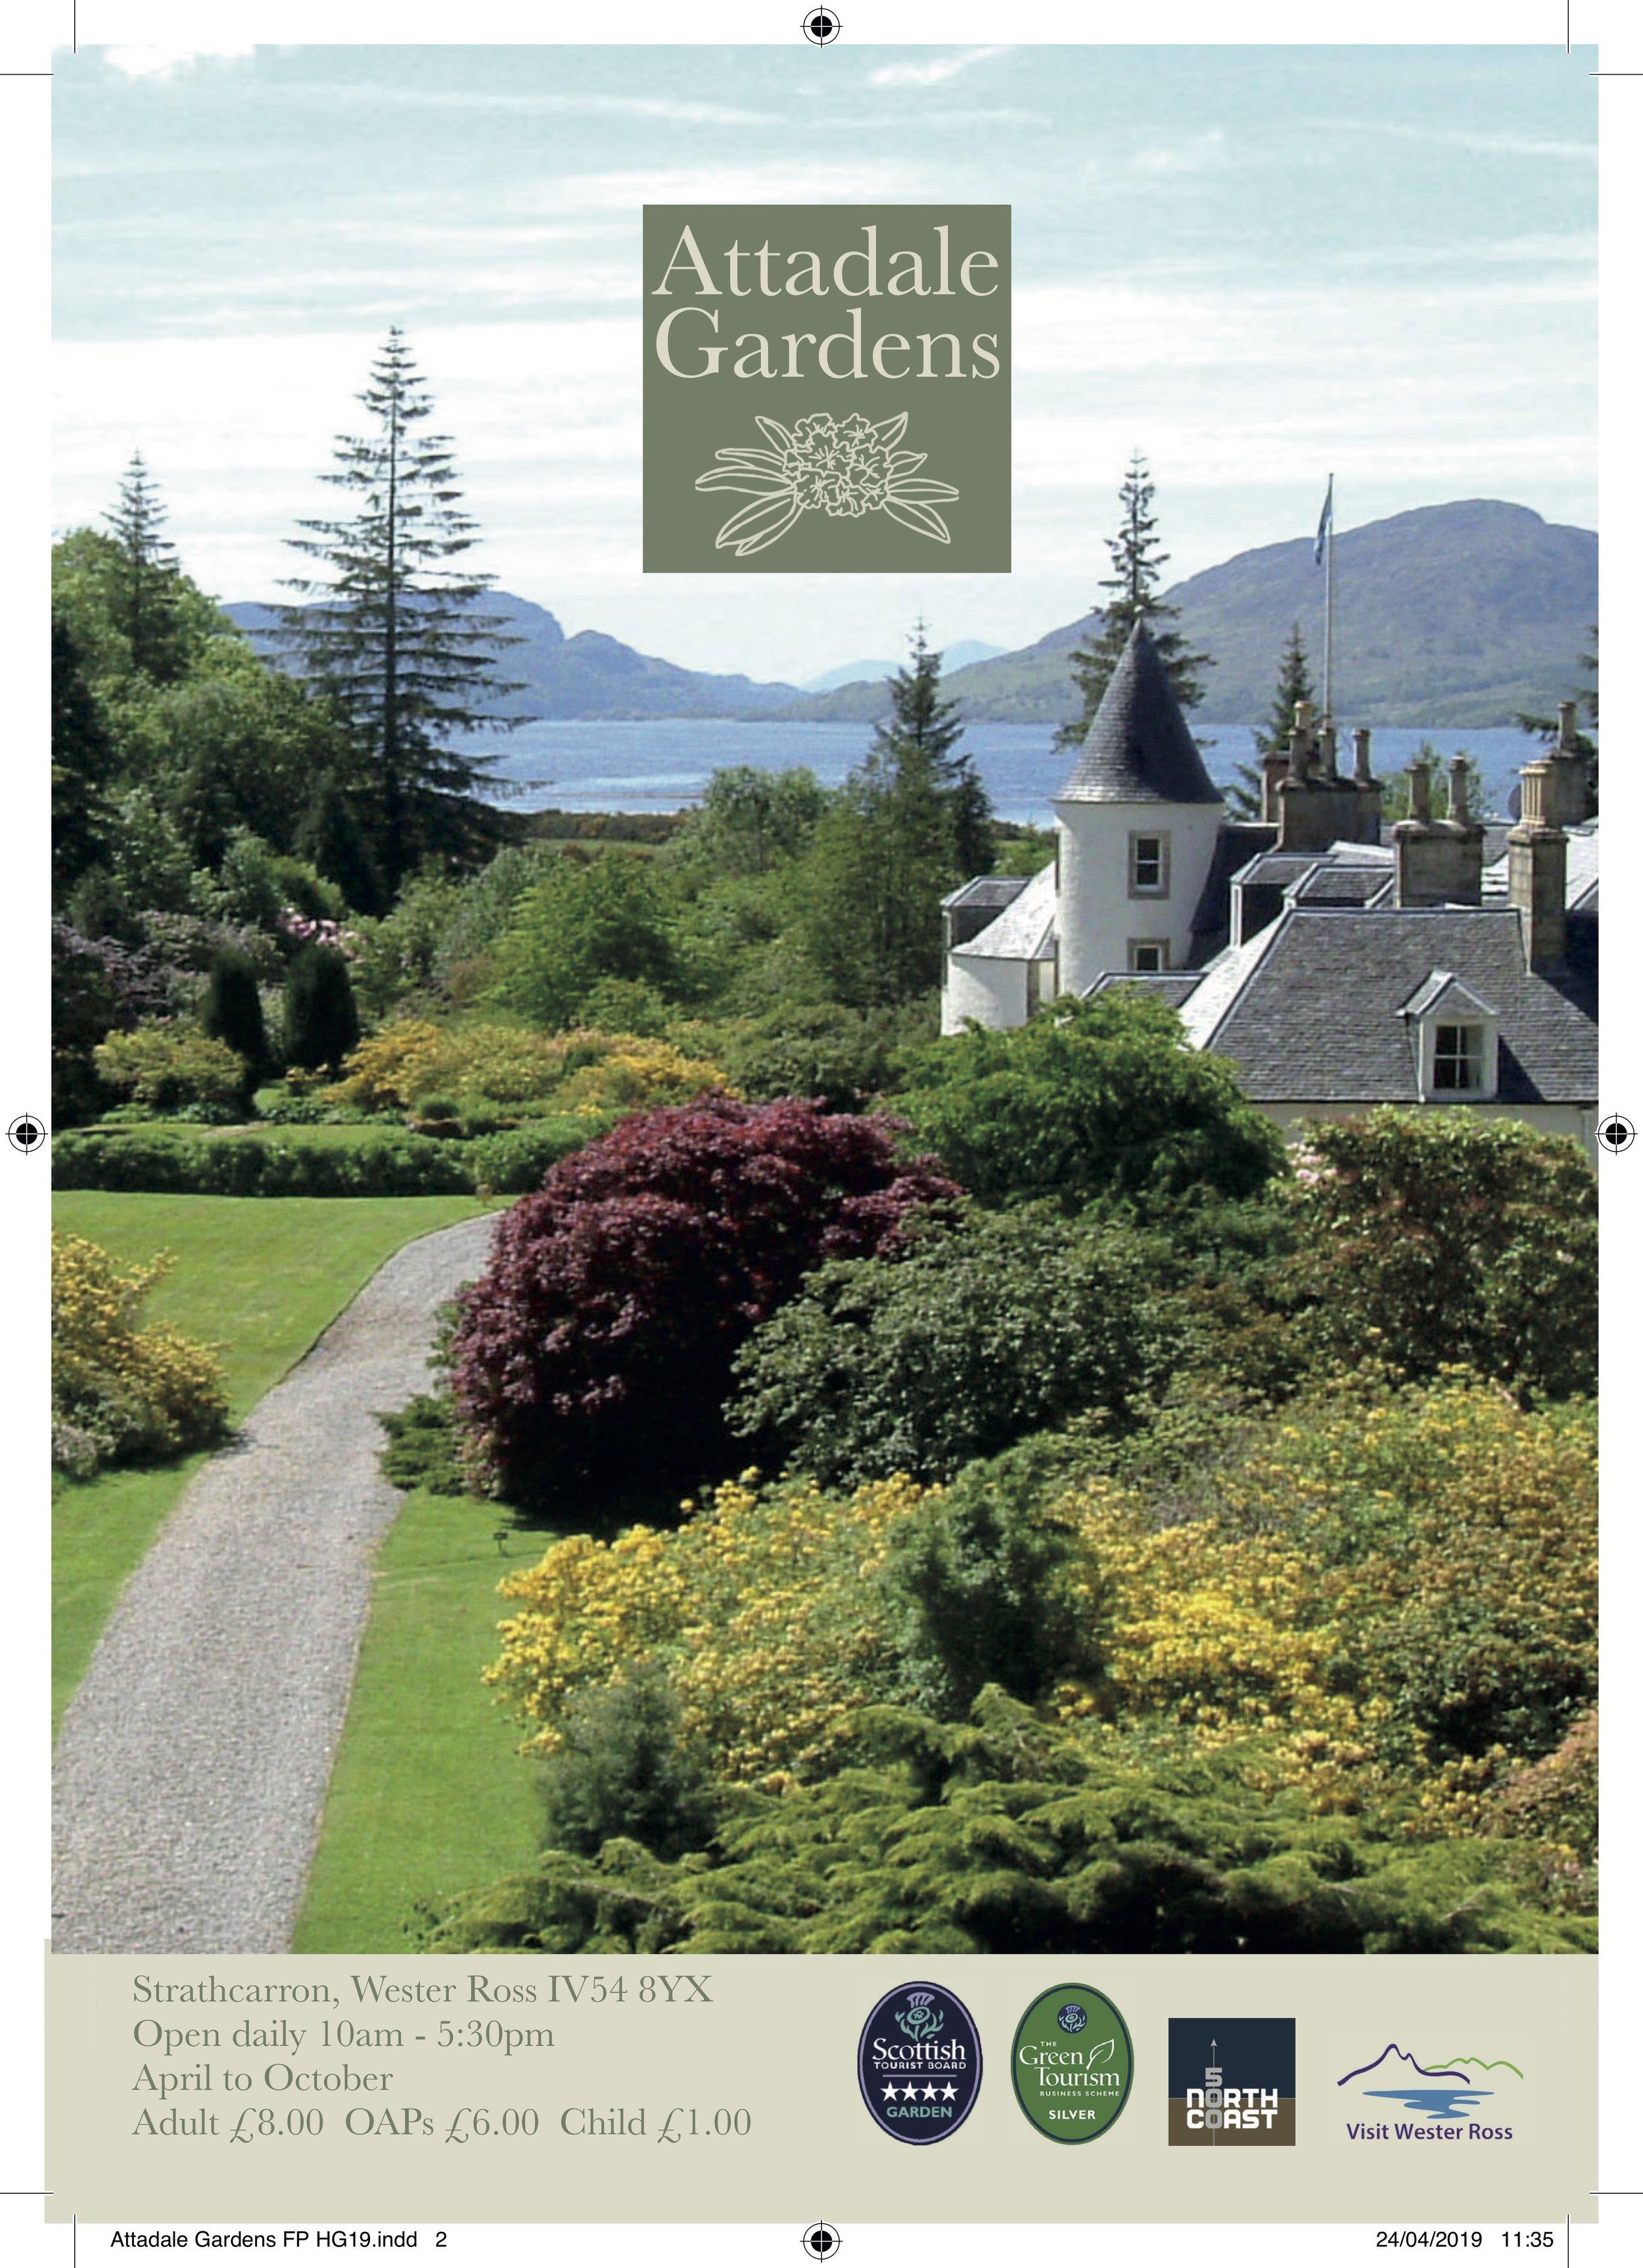 Attadale Gardens FP HG19.jpg